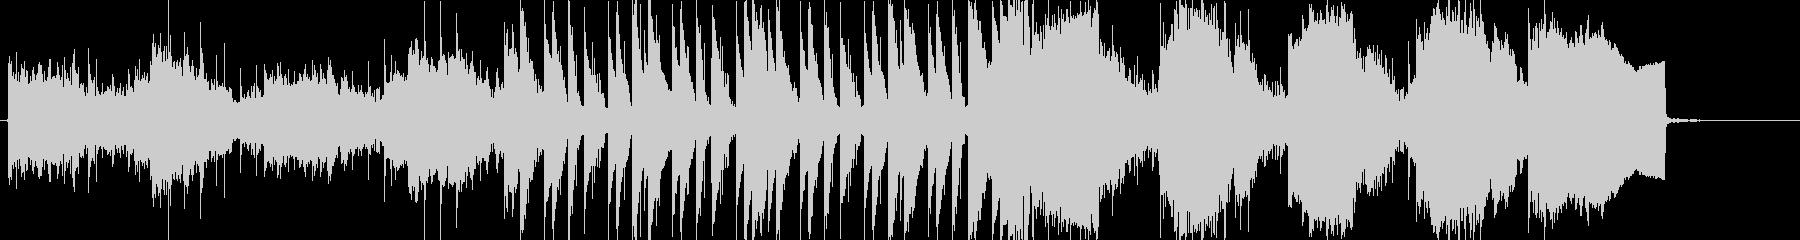 何かが出そうな、怖い和風テイストの音楽の未再生の波形